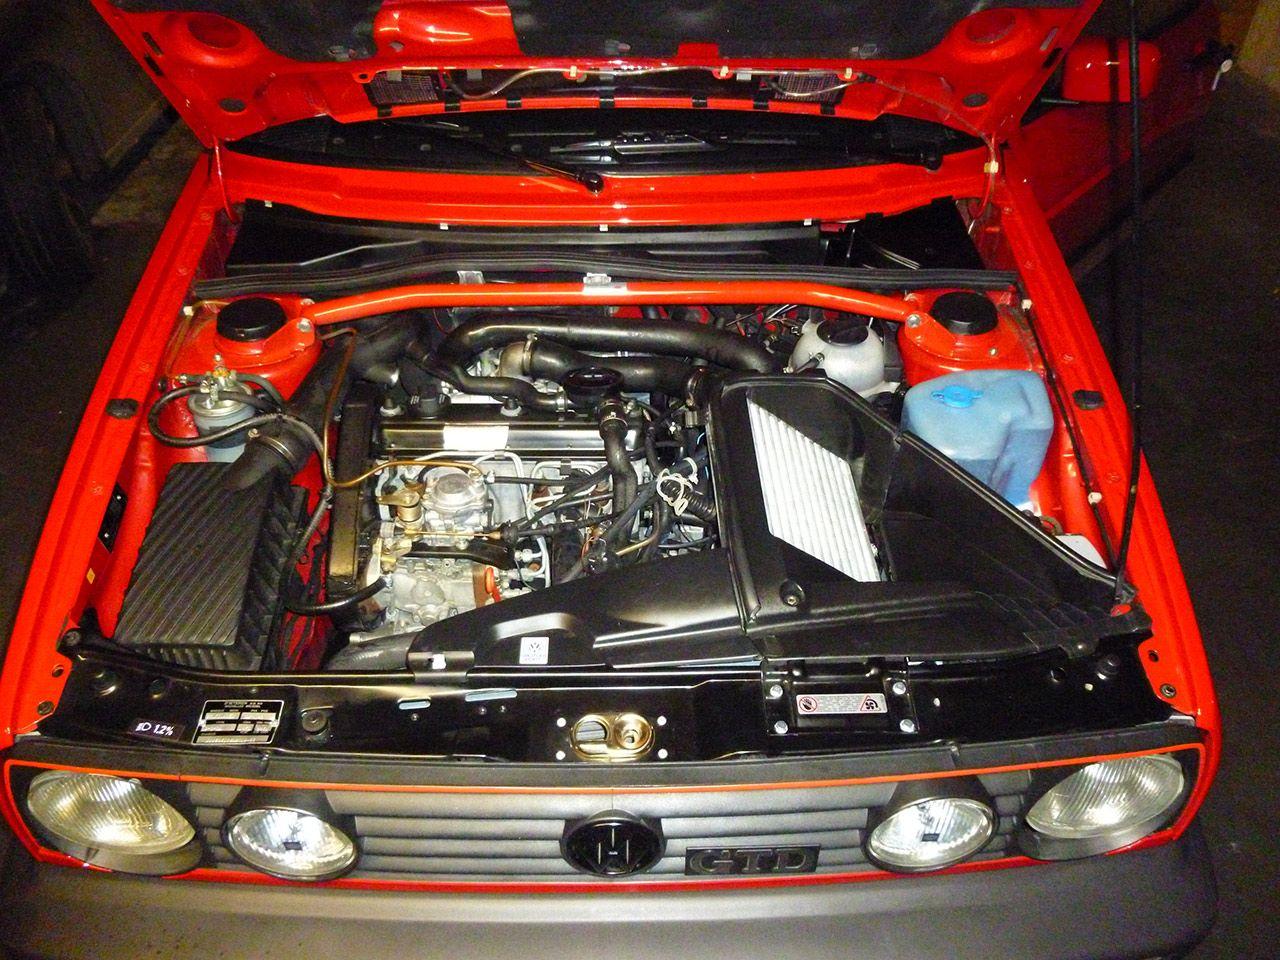 Find of the Day: 1991 Volkswagen Golf GTD | Volkswagen Mk2 8v 16V